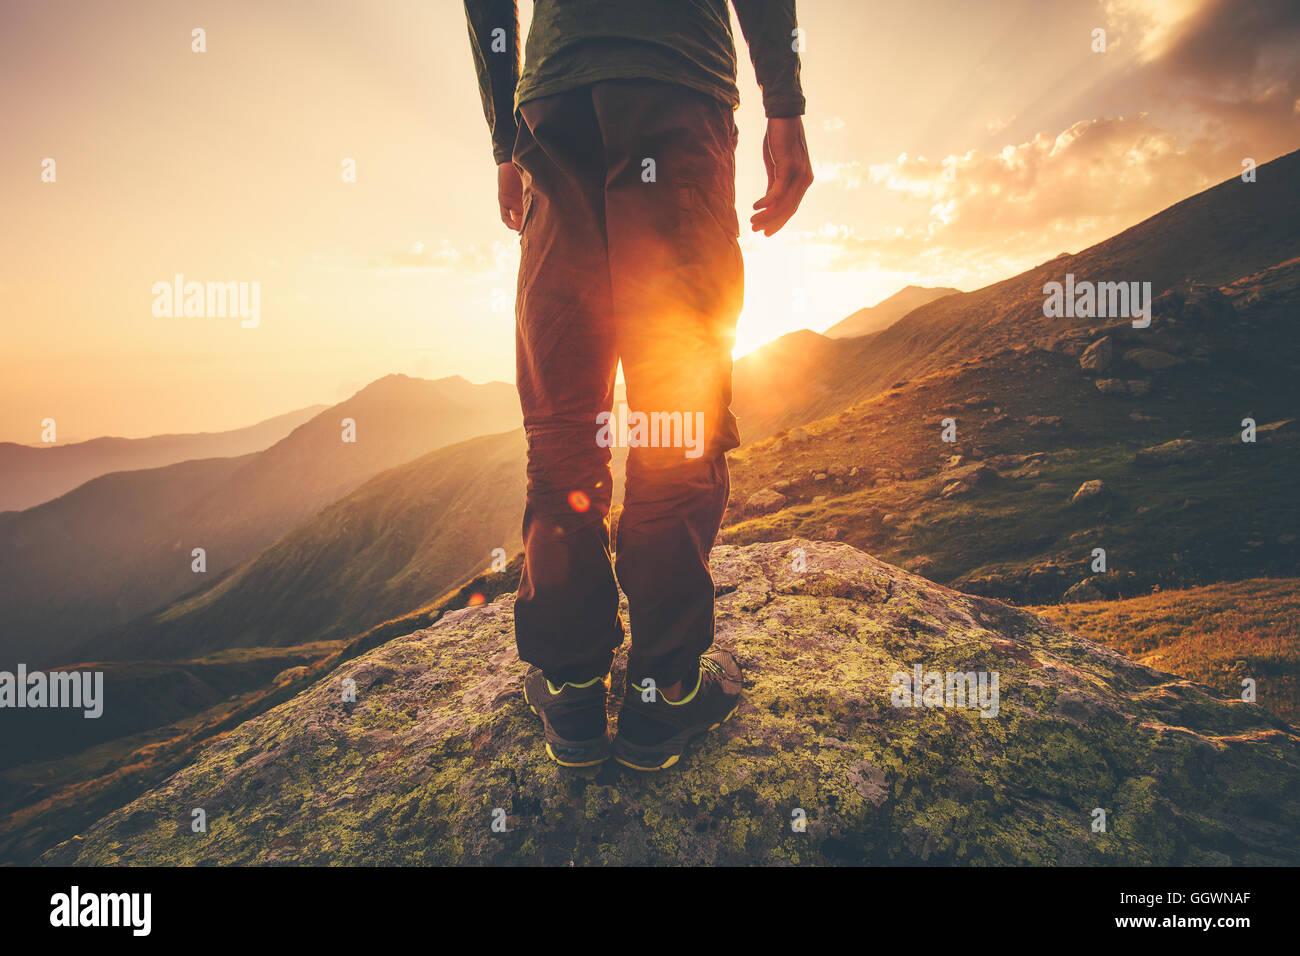 Junge Mann Traveler Füße allein mit Sonnenuntergang Bergen im Hintergrund Lifestyle Reisekonzept im freien Stockbild